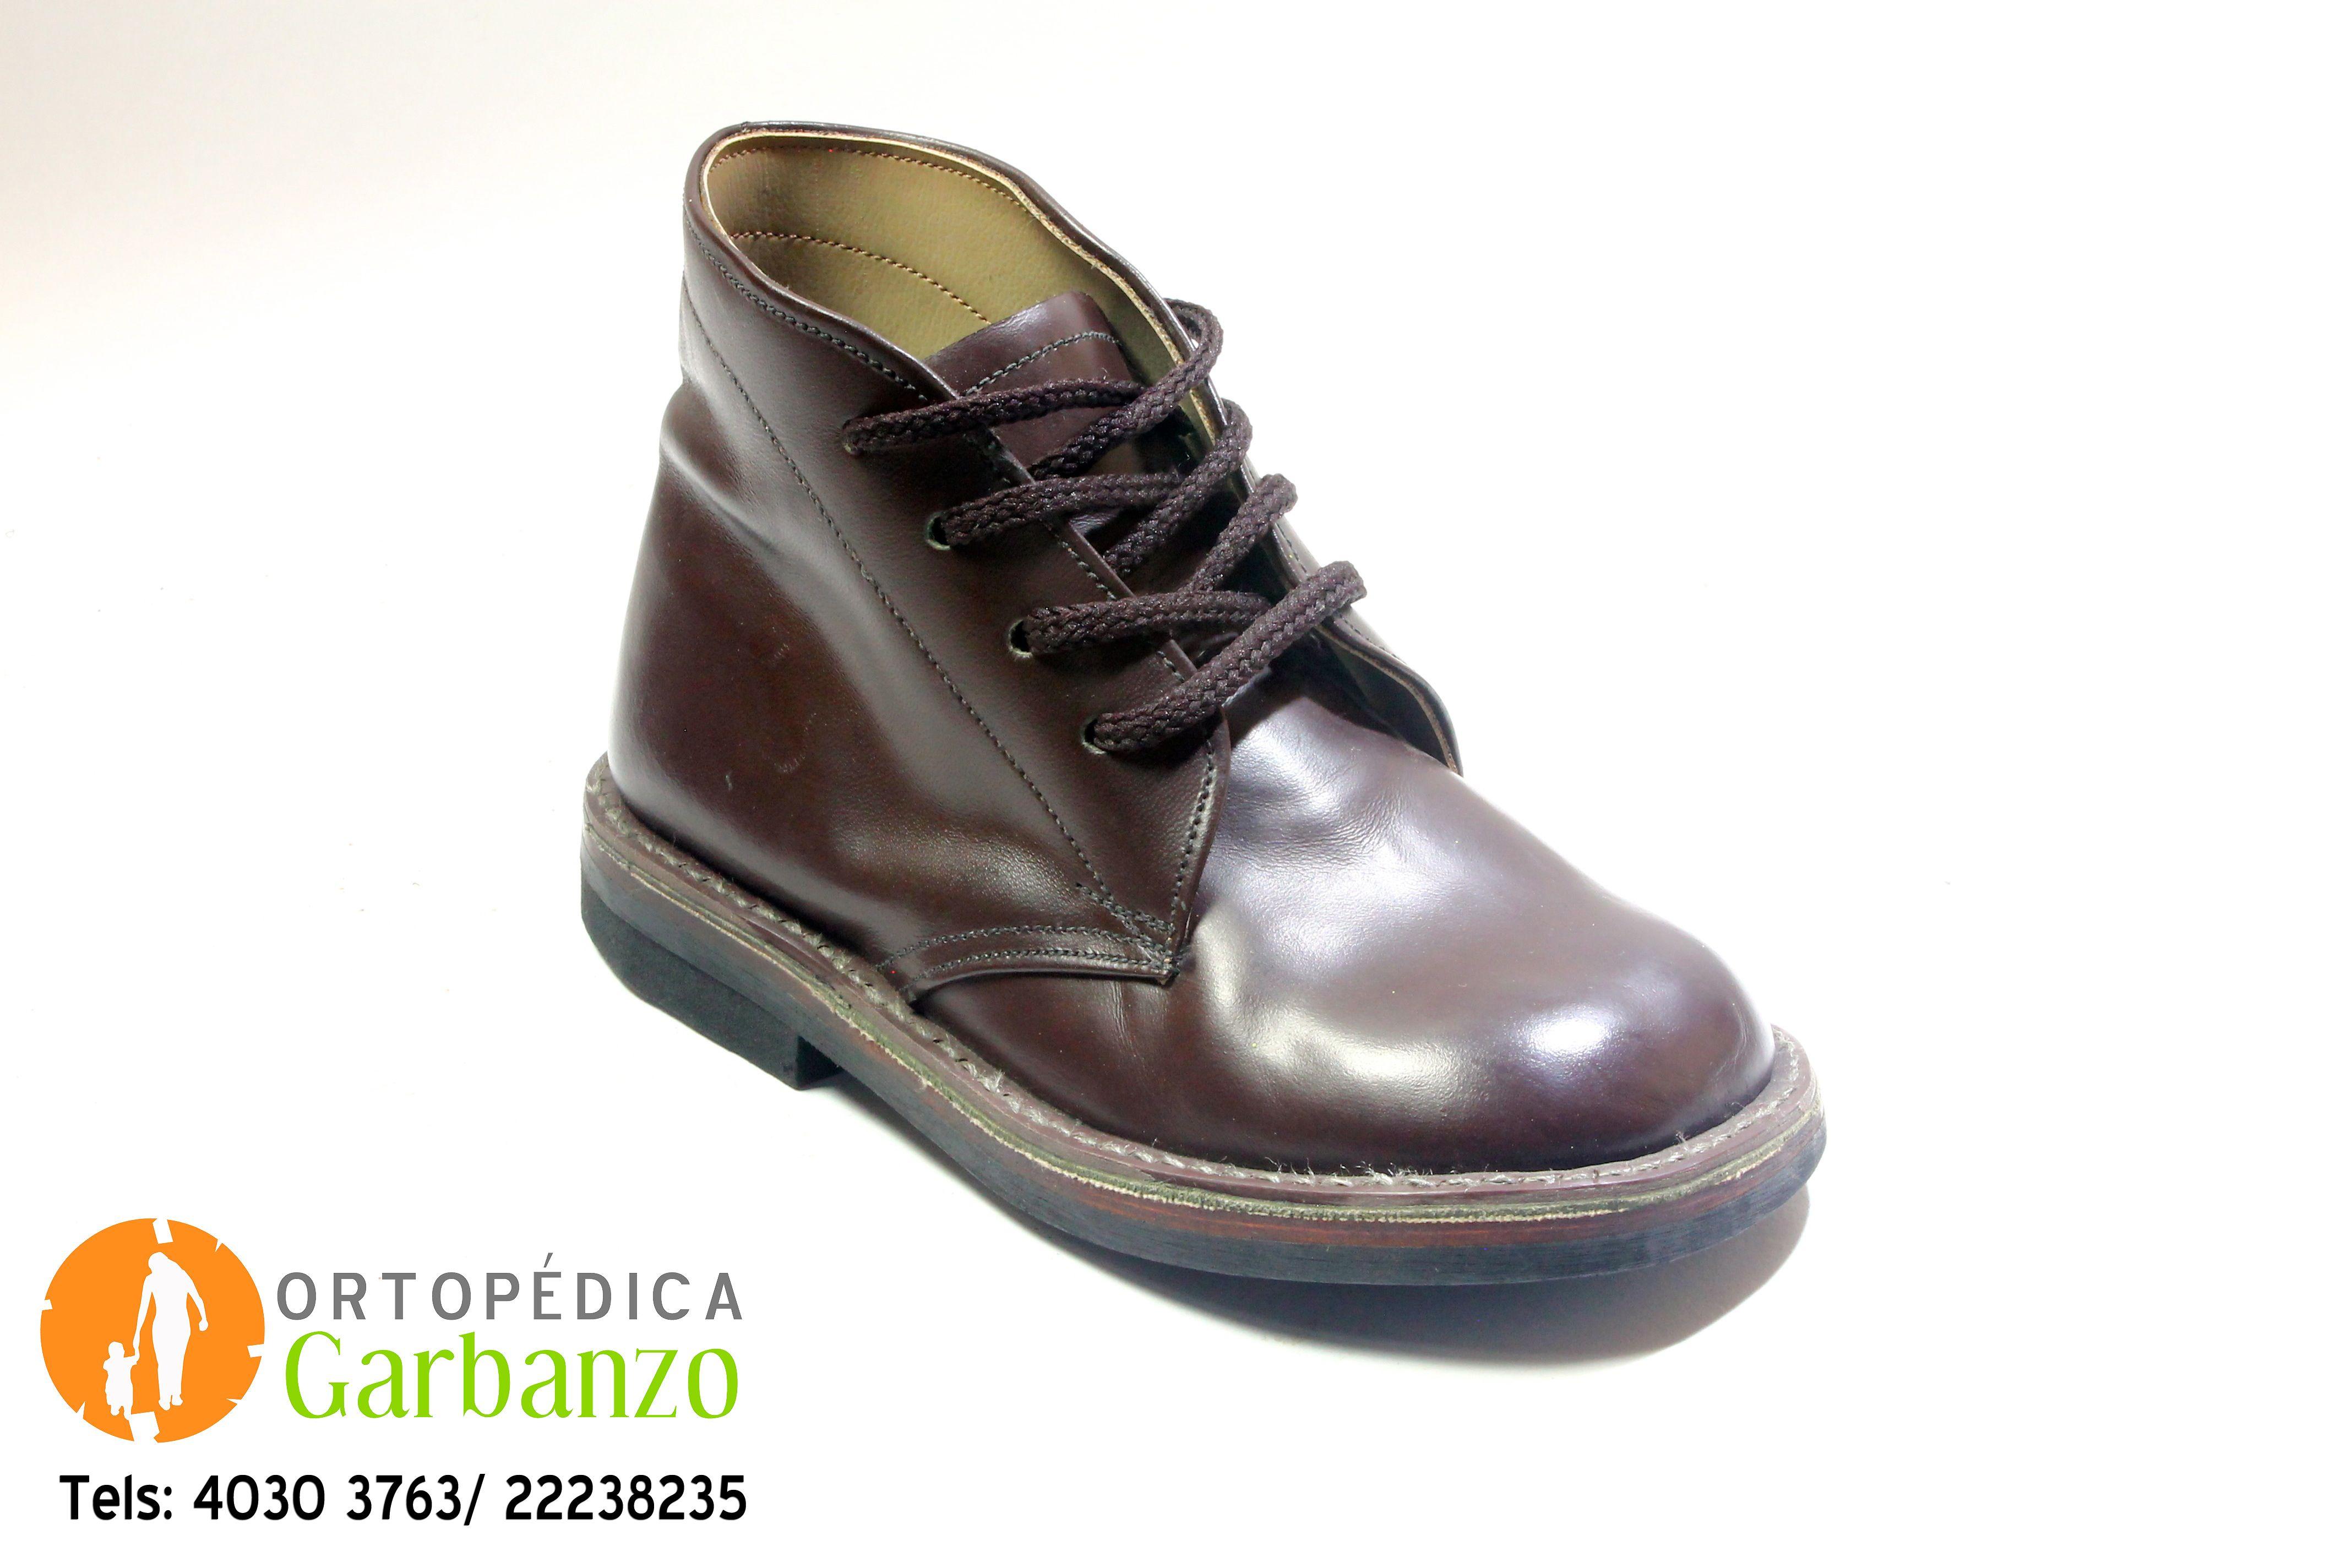 52b30ee13 BOTA ORTOPÉDICA PARA NIÑO. Color Café Cuero. | Zapatos Ortopédicos ...